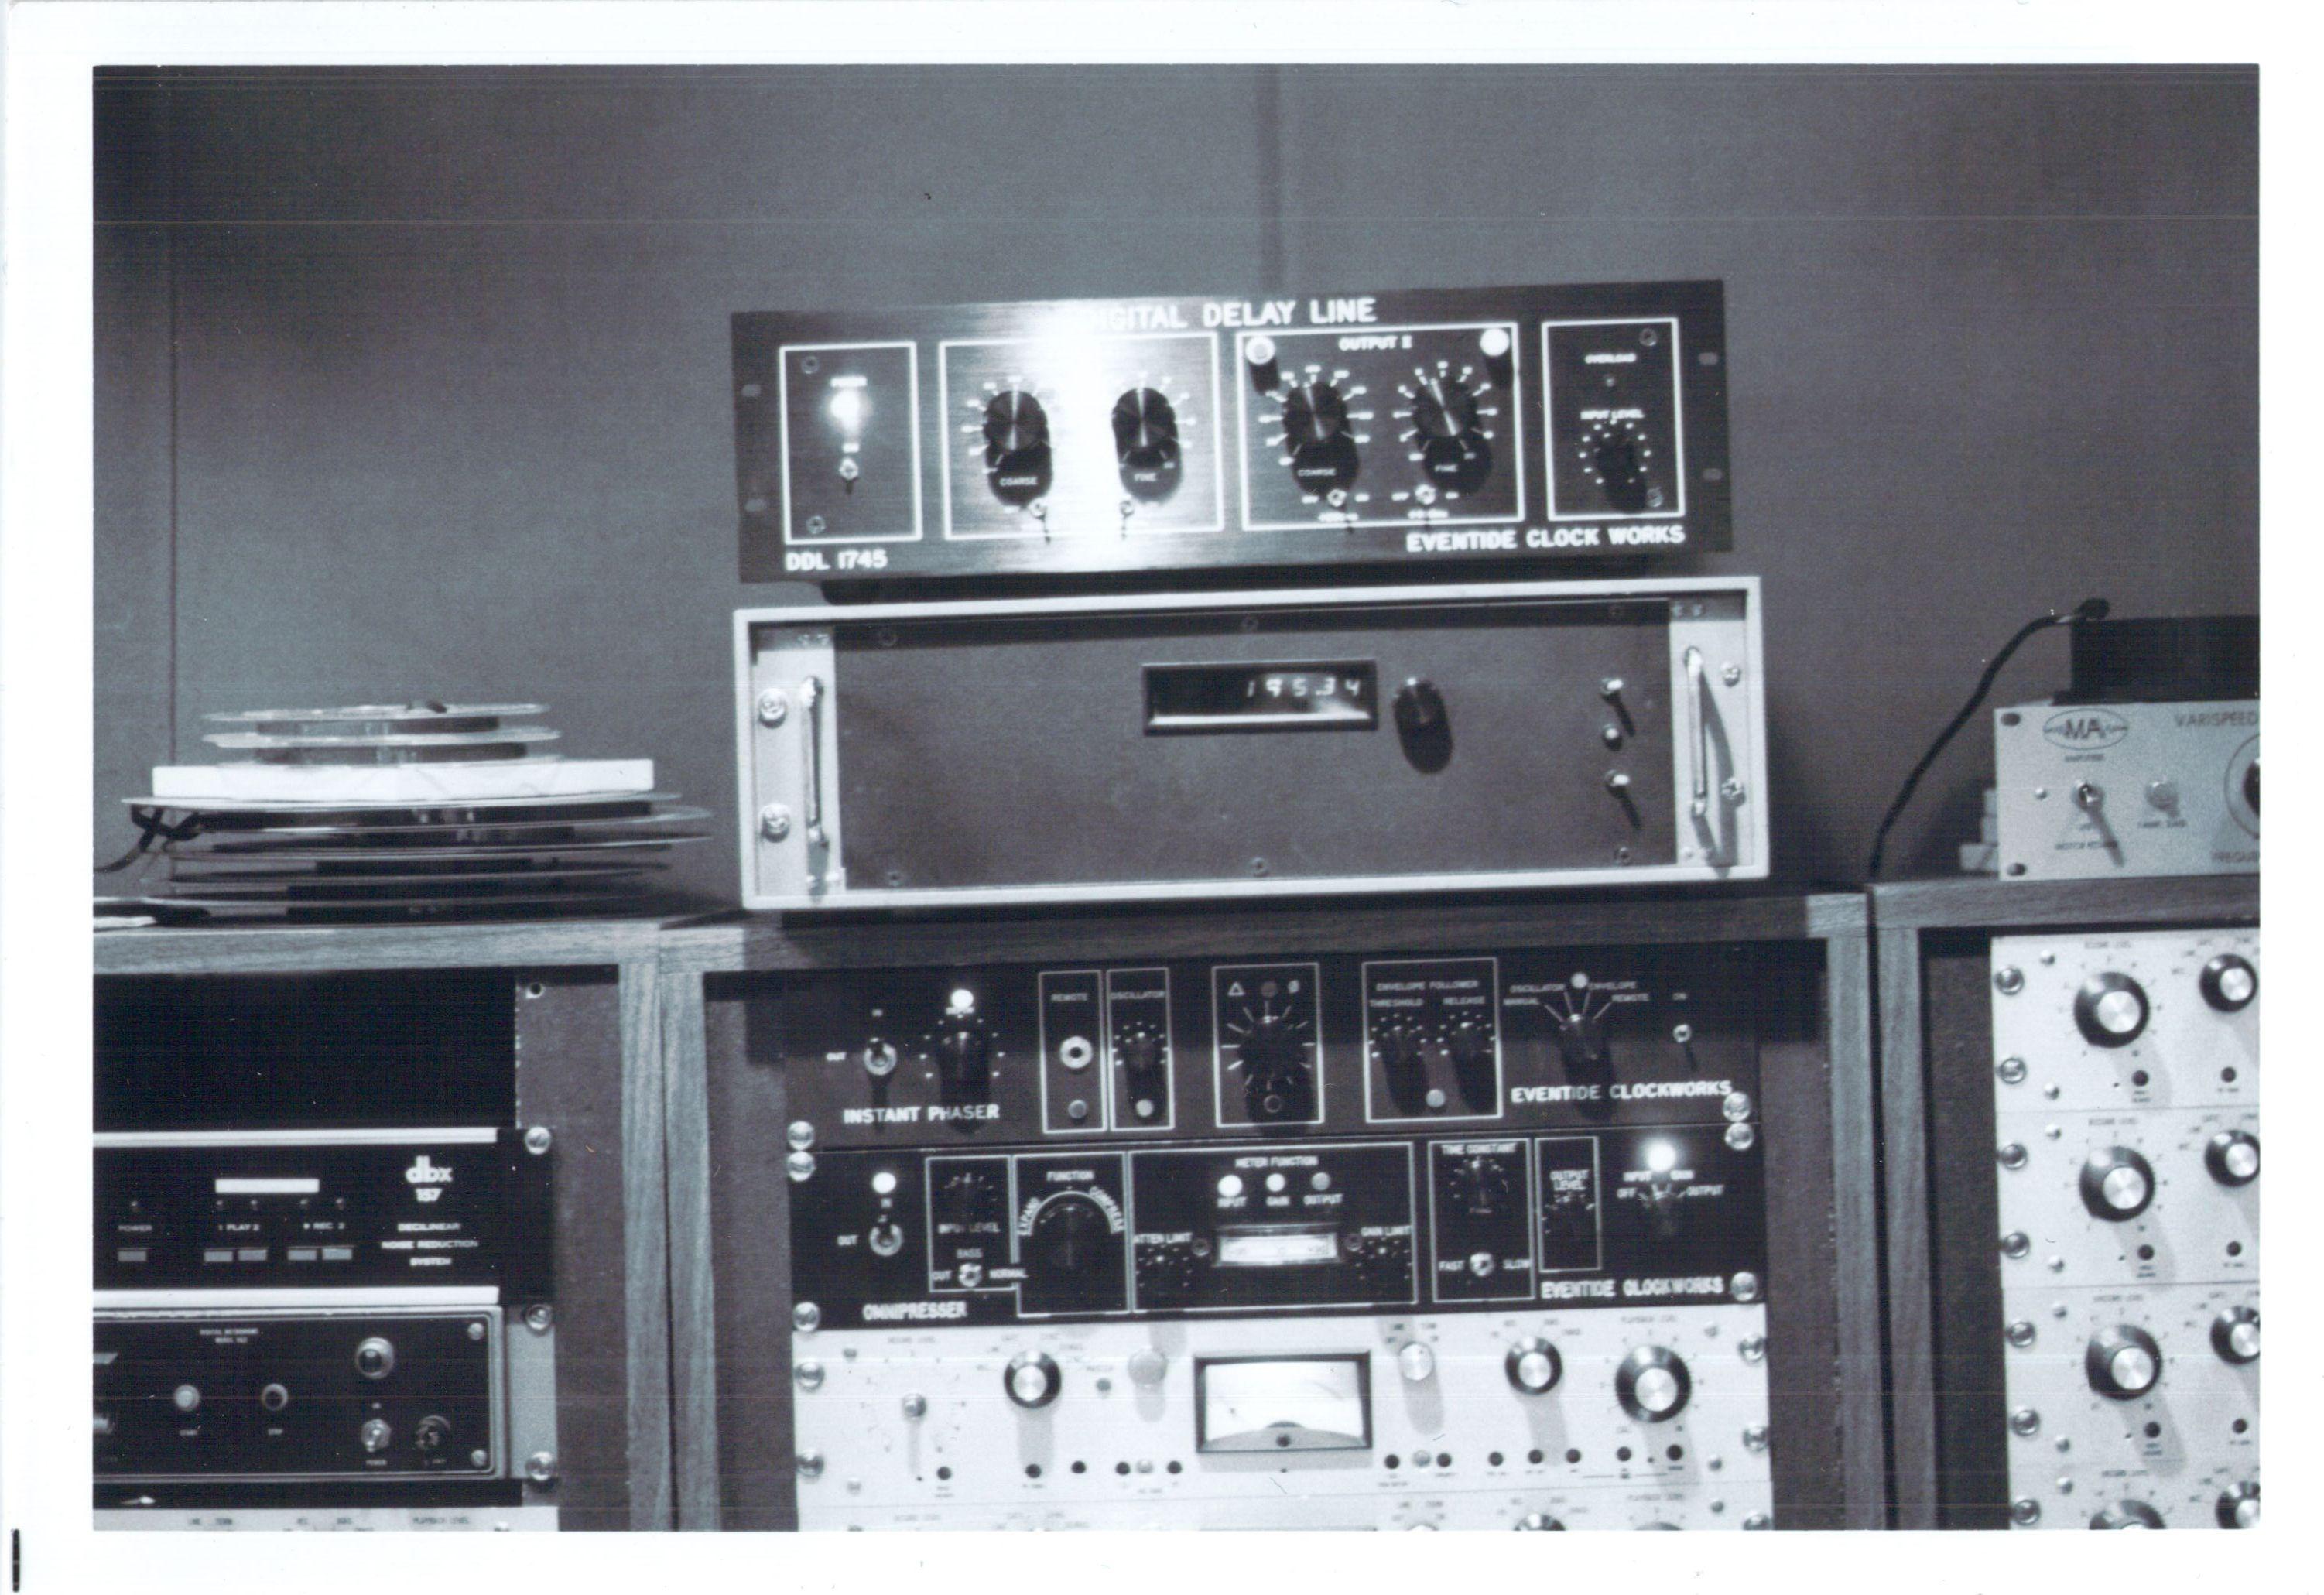 DDL 1745, Phaser, & Omnipressor Prototype